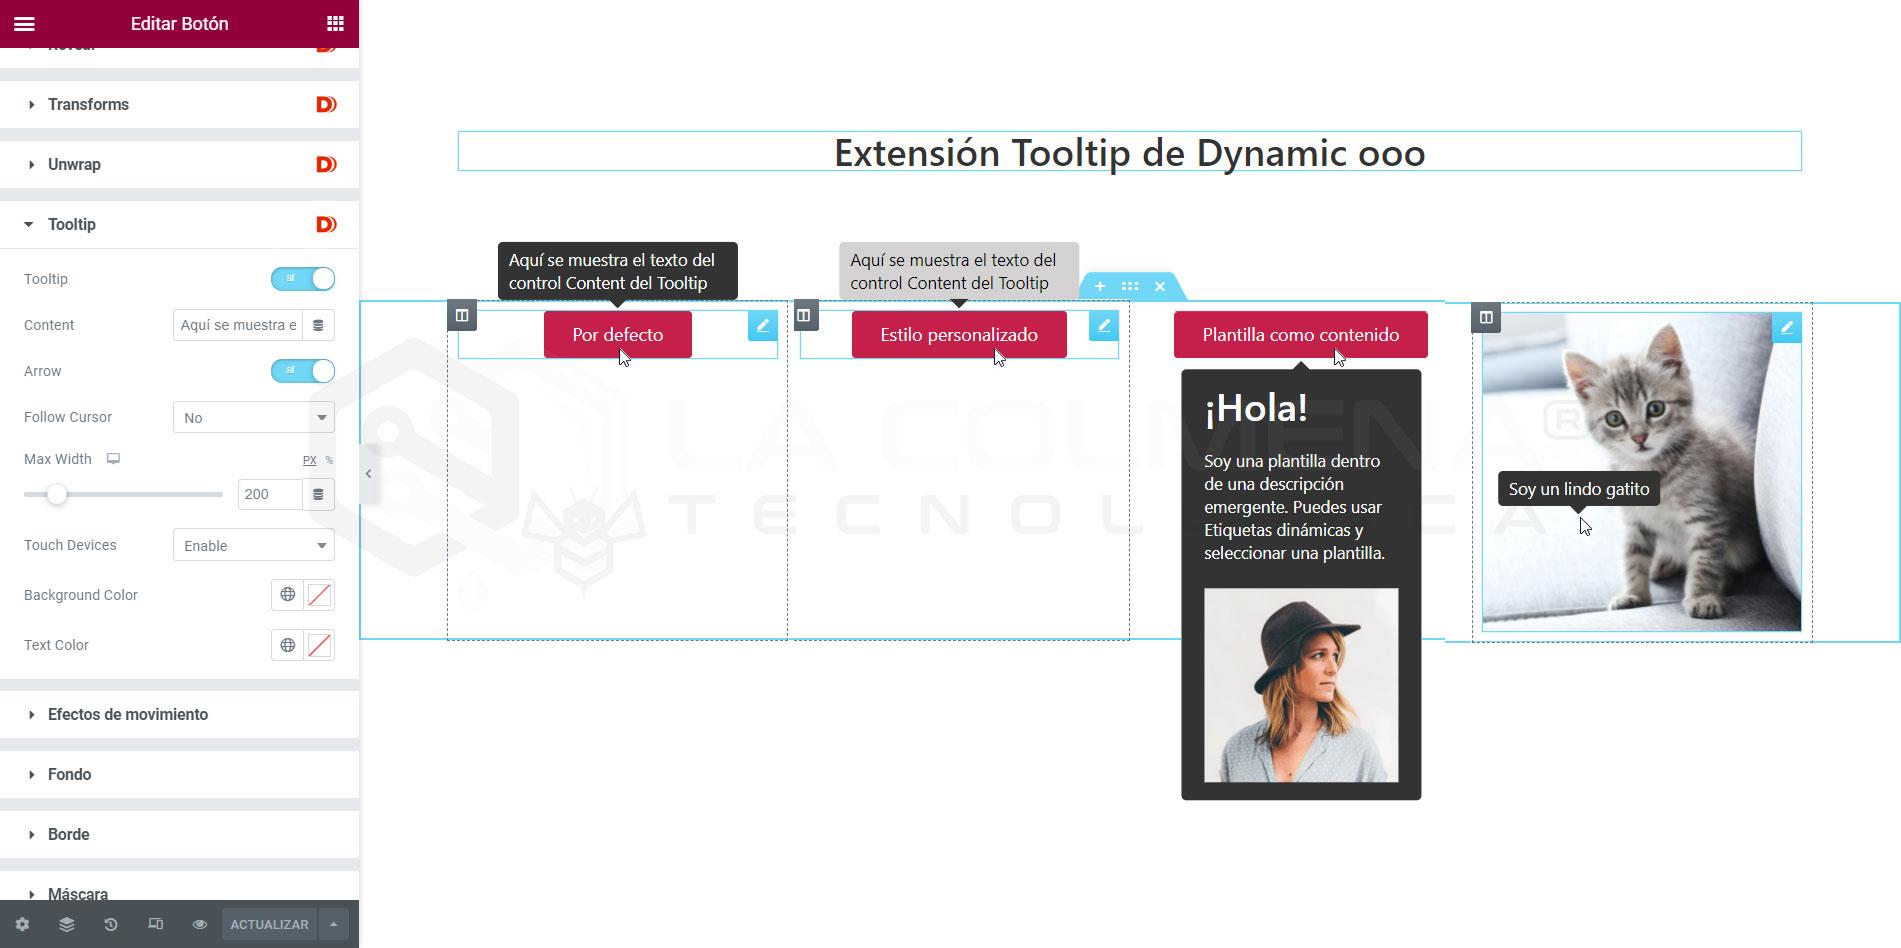 Extensión Tooltip de Dynamic ooo